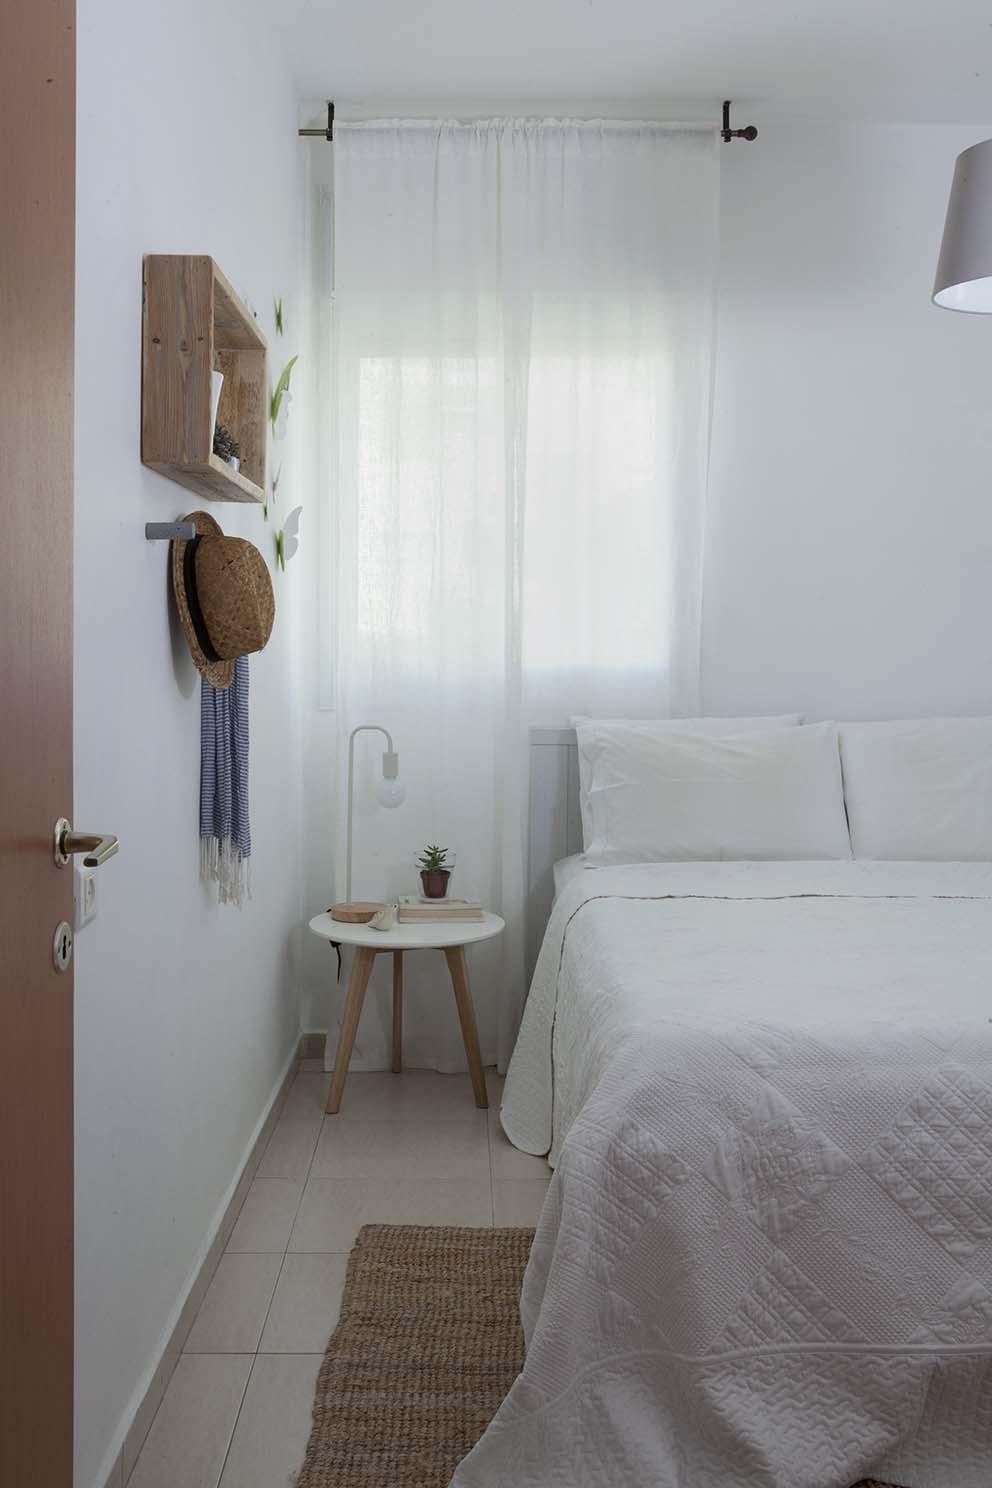 הבית של ריבה ושי, עיצוב: Apen Studio, צילום: הגר דופלט, www.pnim.co.il